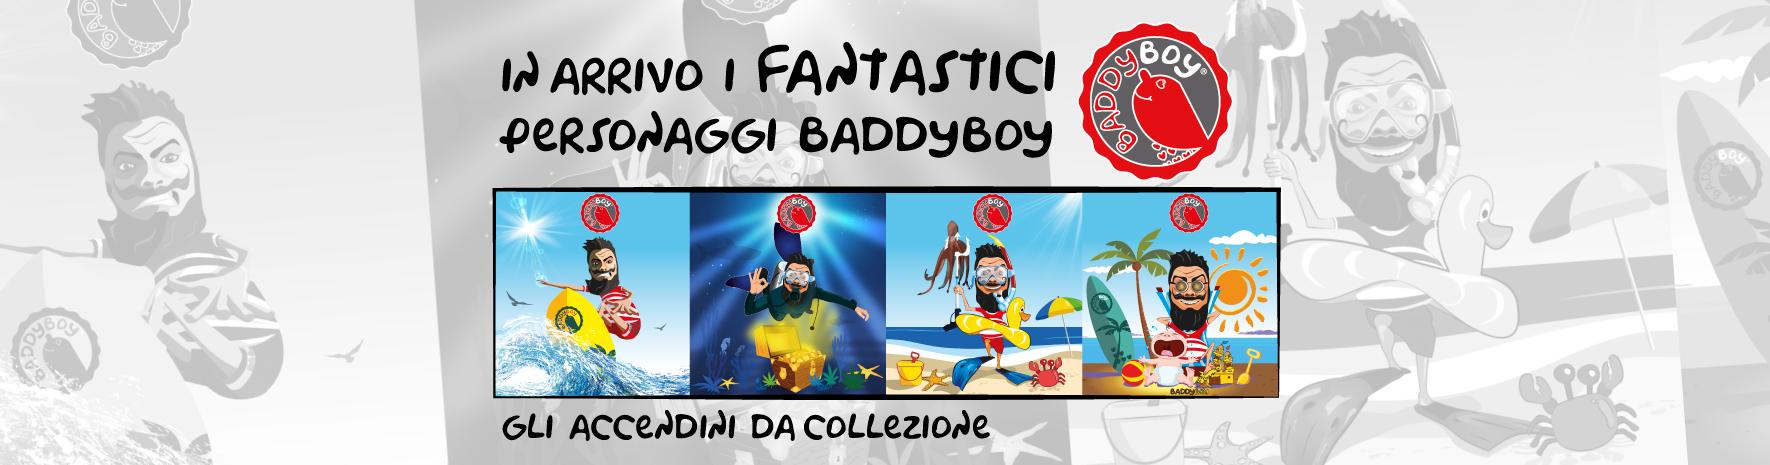 accendini-baddyboy2